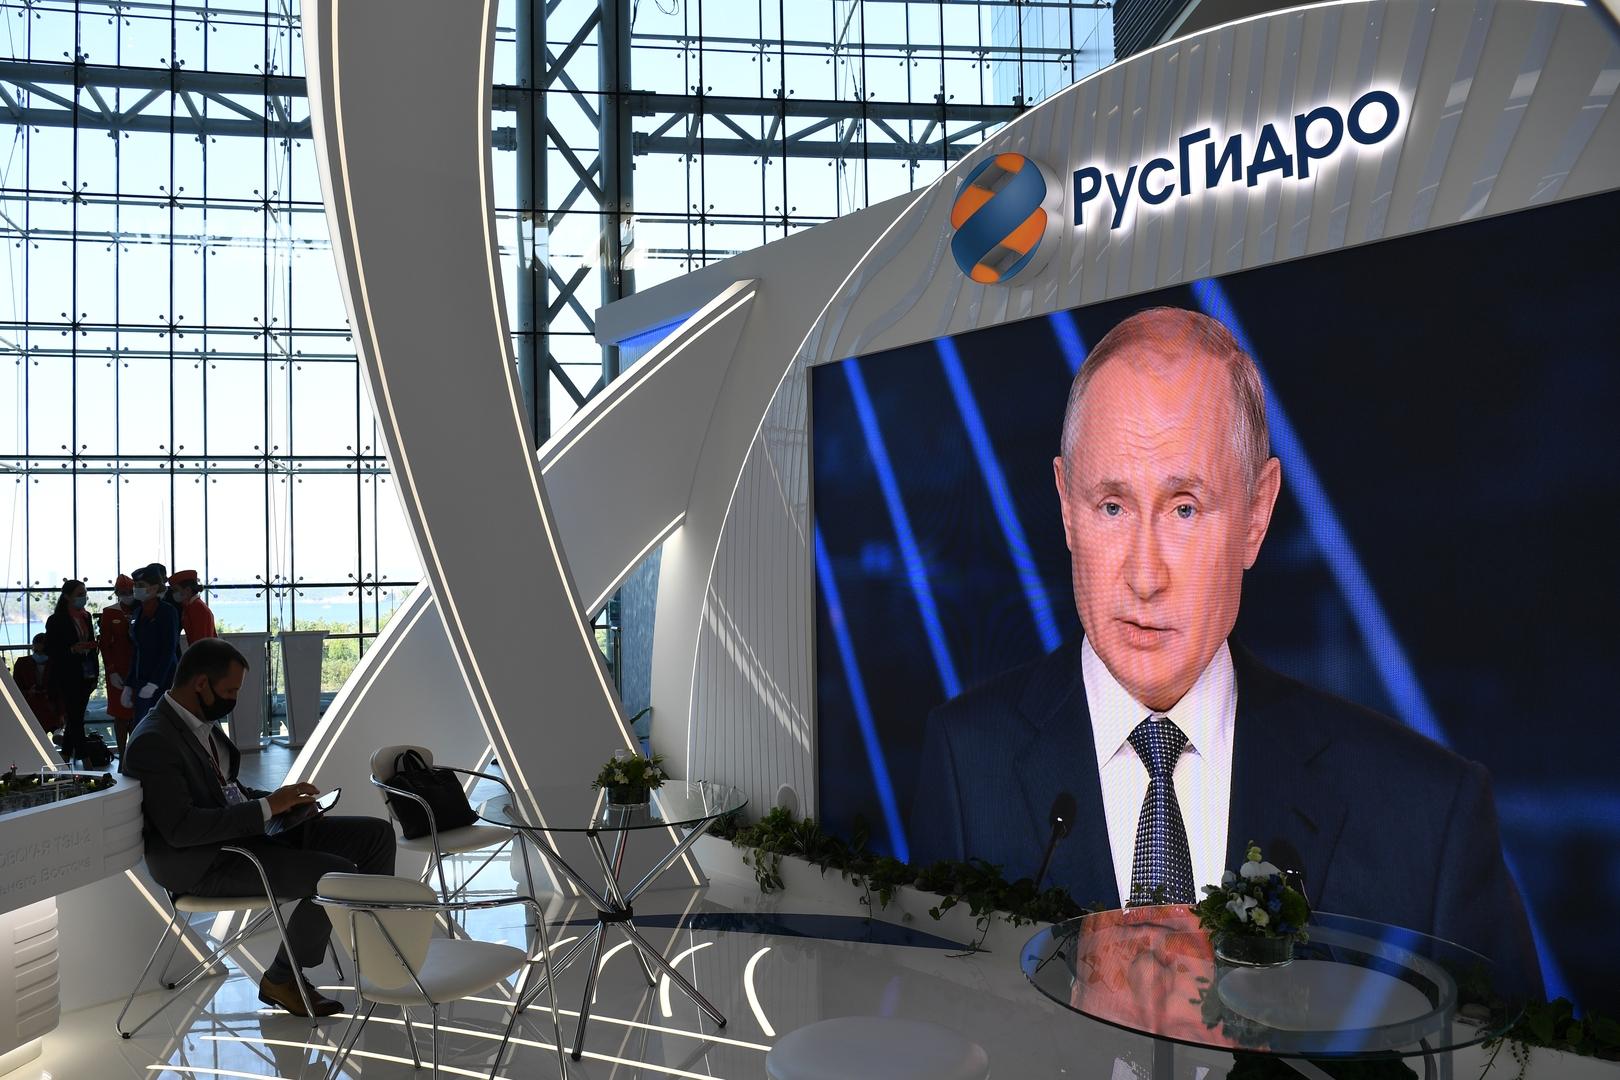 الرئيسالروسي فلاديمير بوتين بالجلسة العامة لمنتدى الشرق الاقتصادي